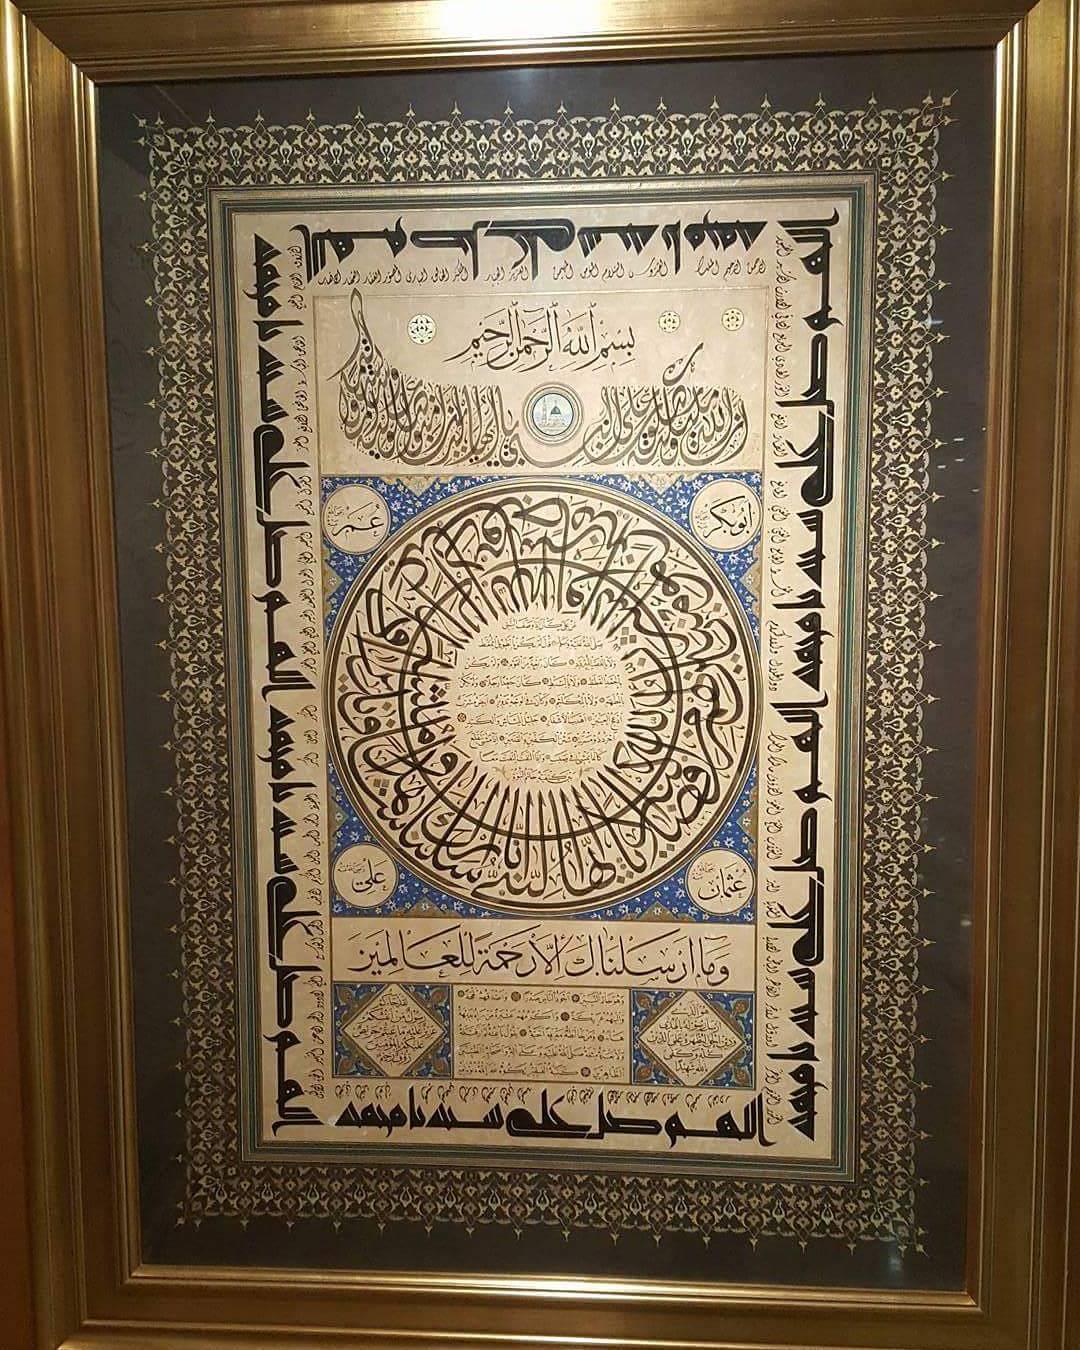 Foto Karya Kaligrafi Alhamdulillah wasyukurillah..senang sekali rasanya mendapat kiriman dari ustad A…- Teguh Prastio